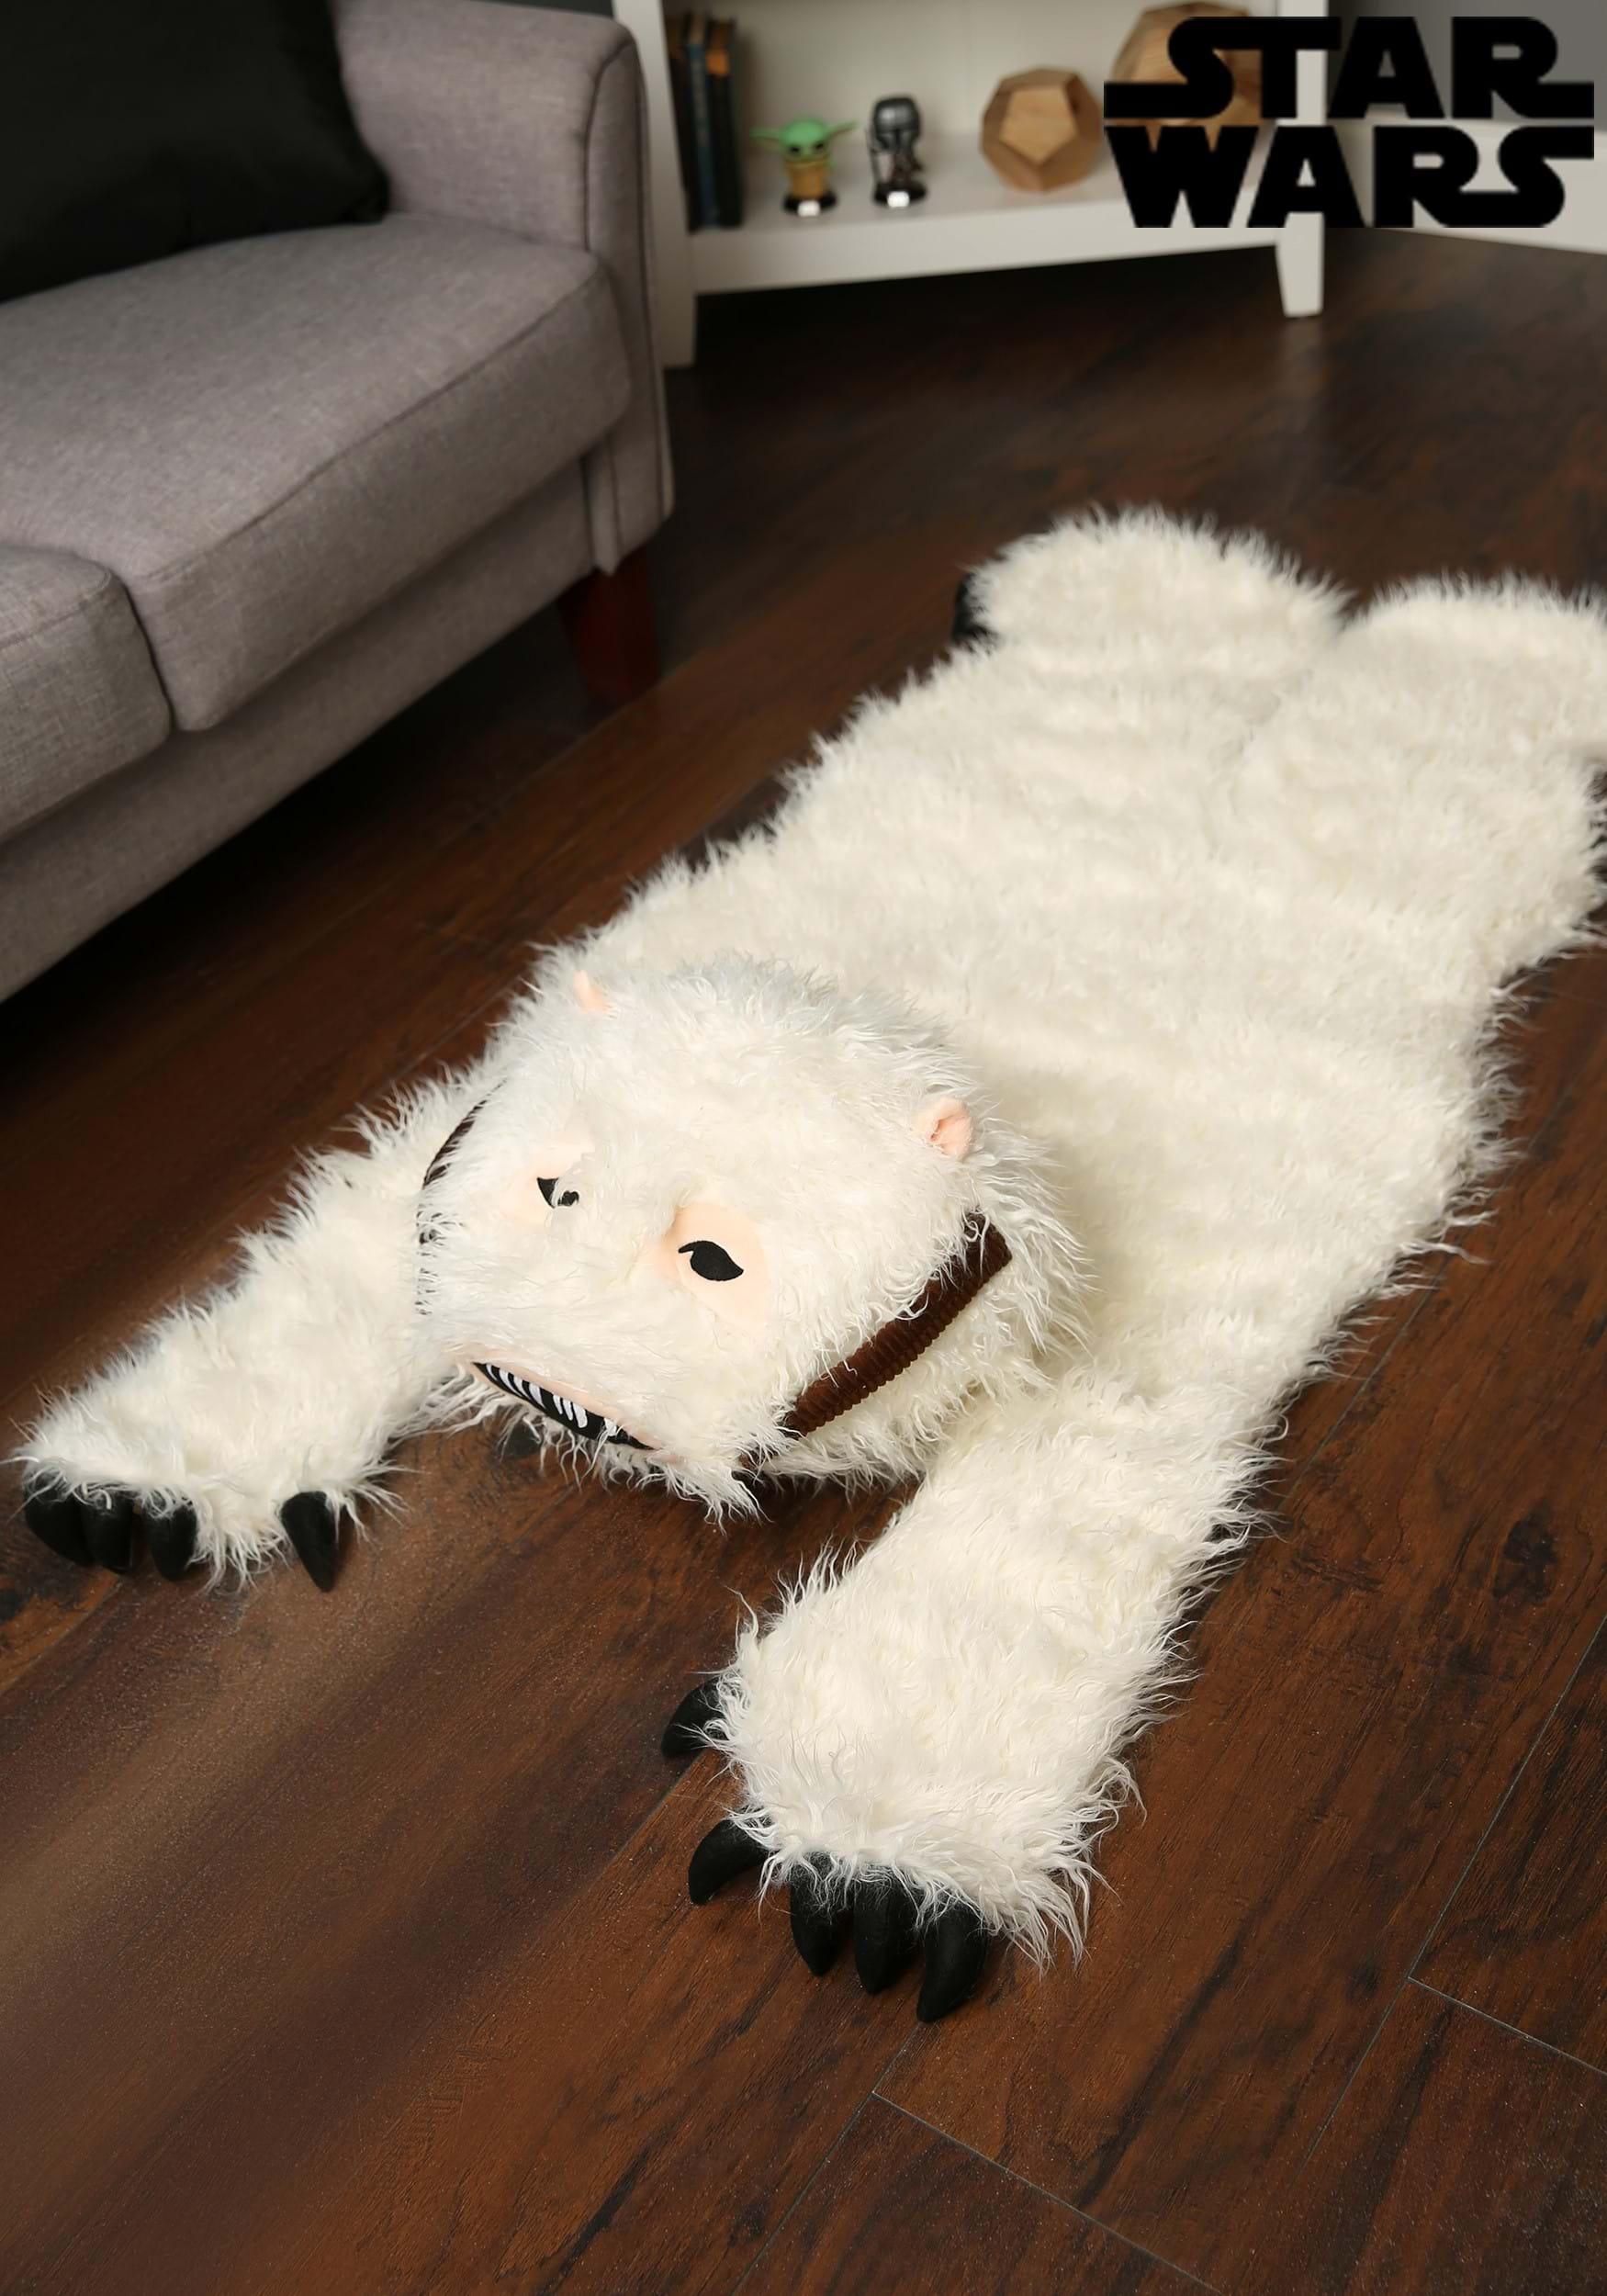 Wampa rug in perfect lighting.